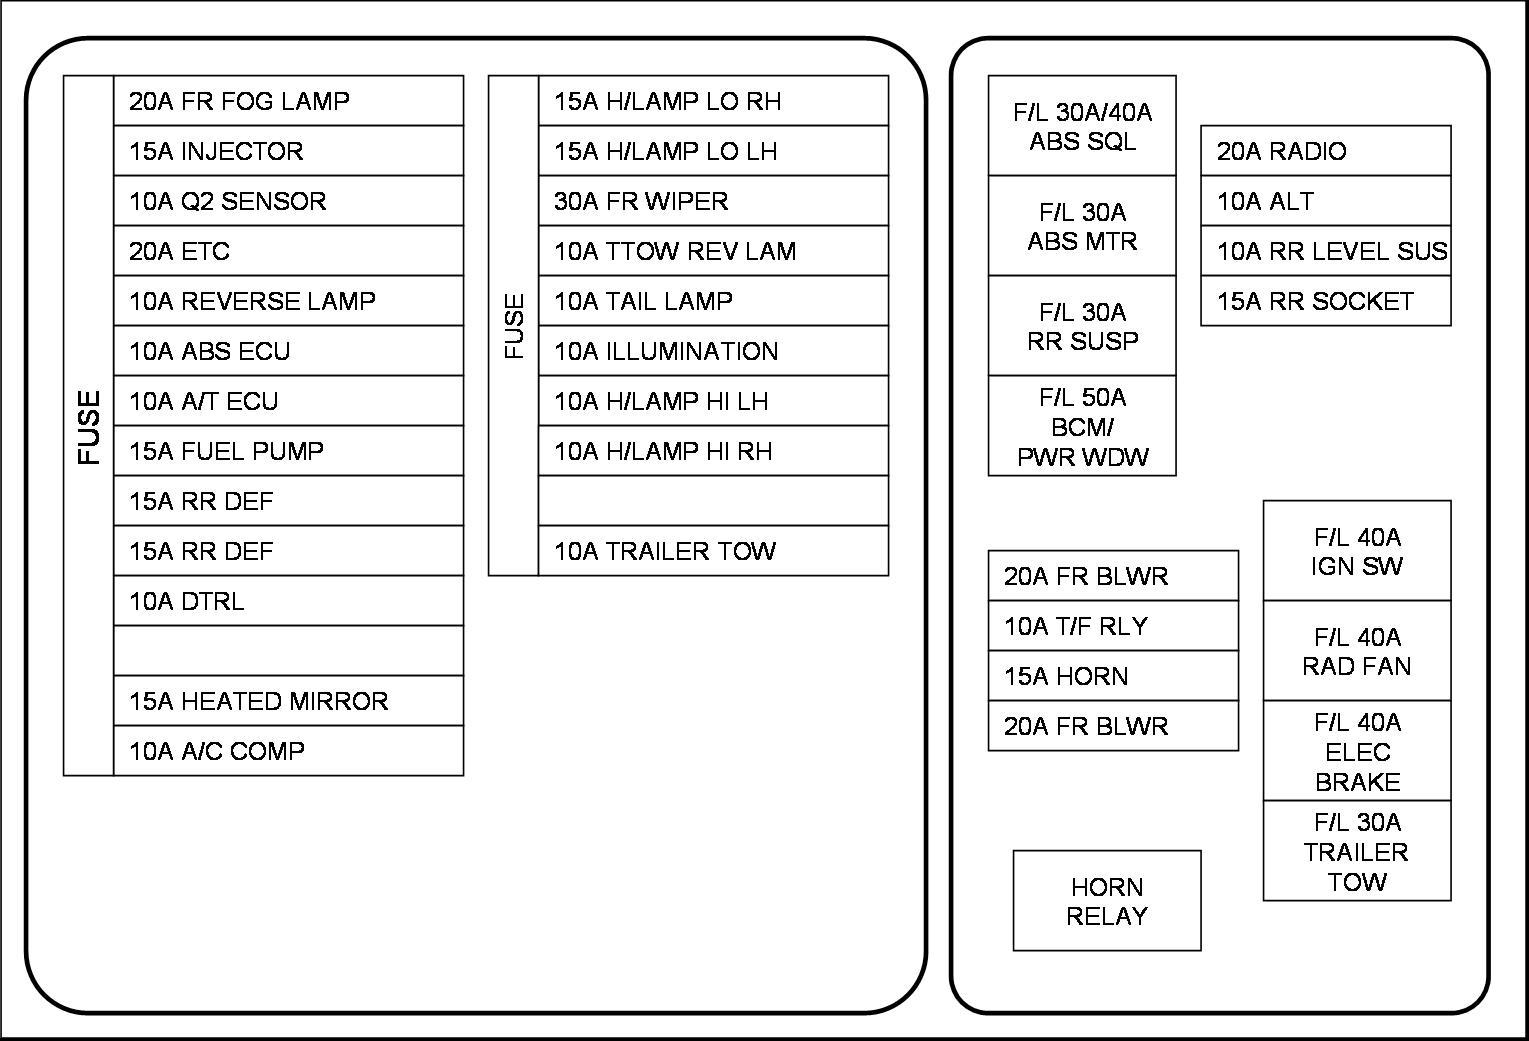 2005 nissan armada fuse panel diagram - wiring diagrams fuss-patch -  fuss-patch.alcuoredeldiabete.it  al cuore del diabete